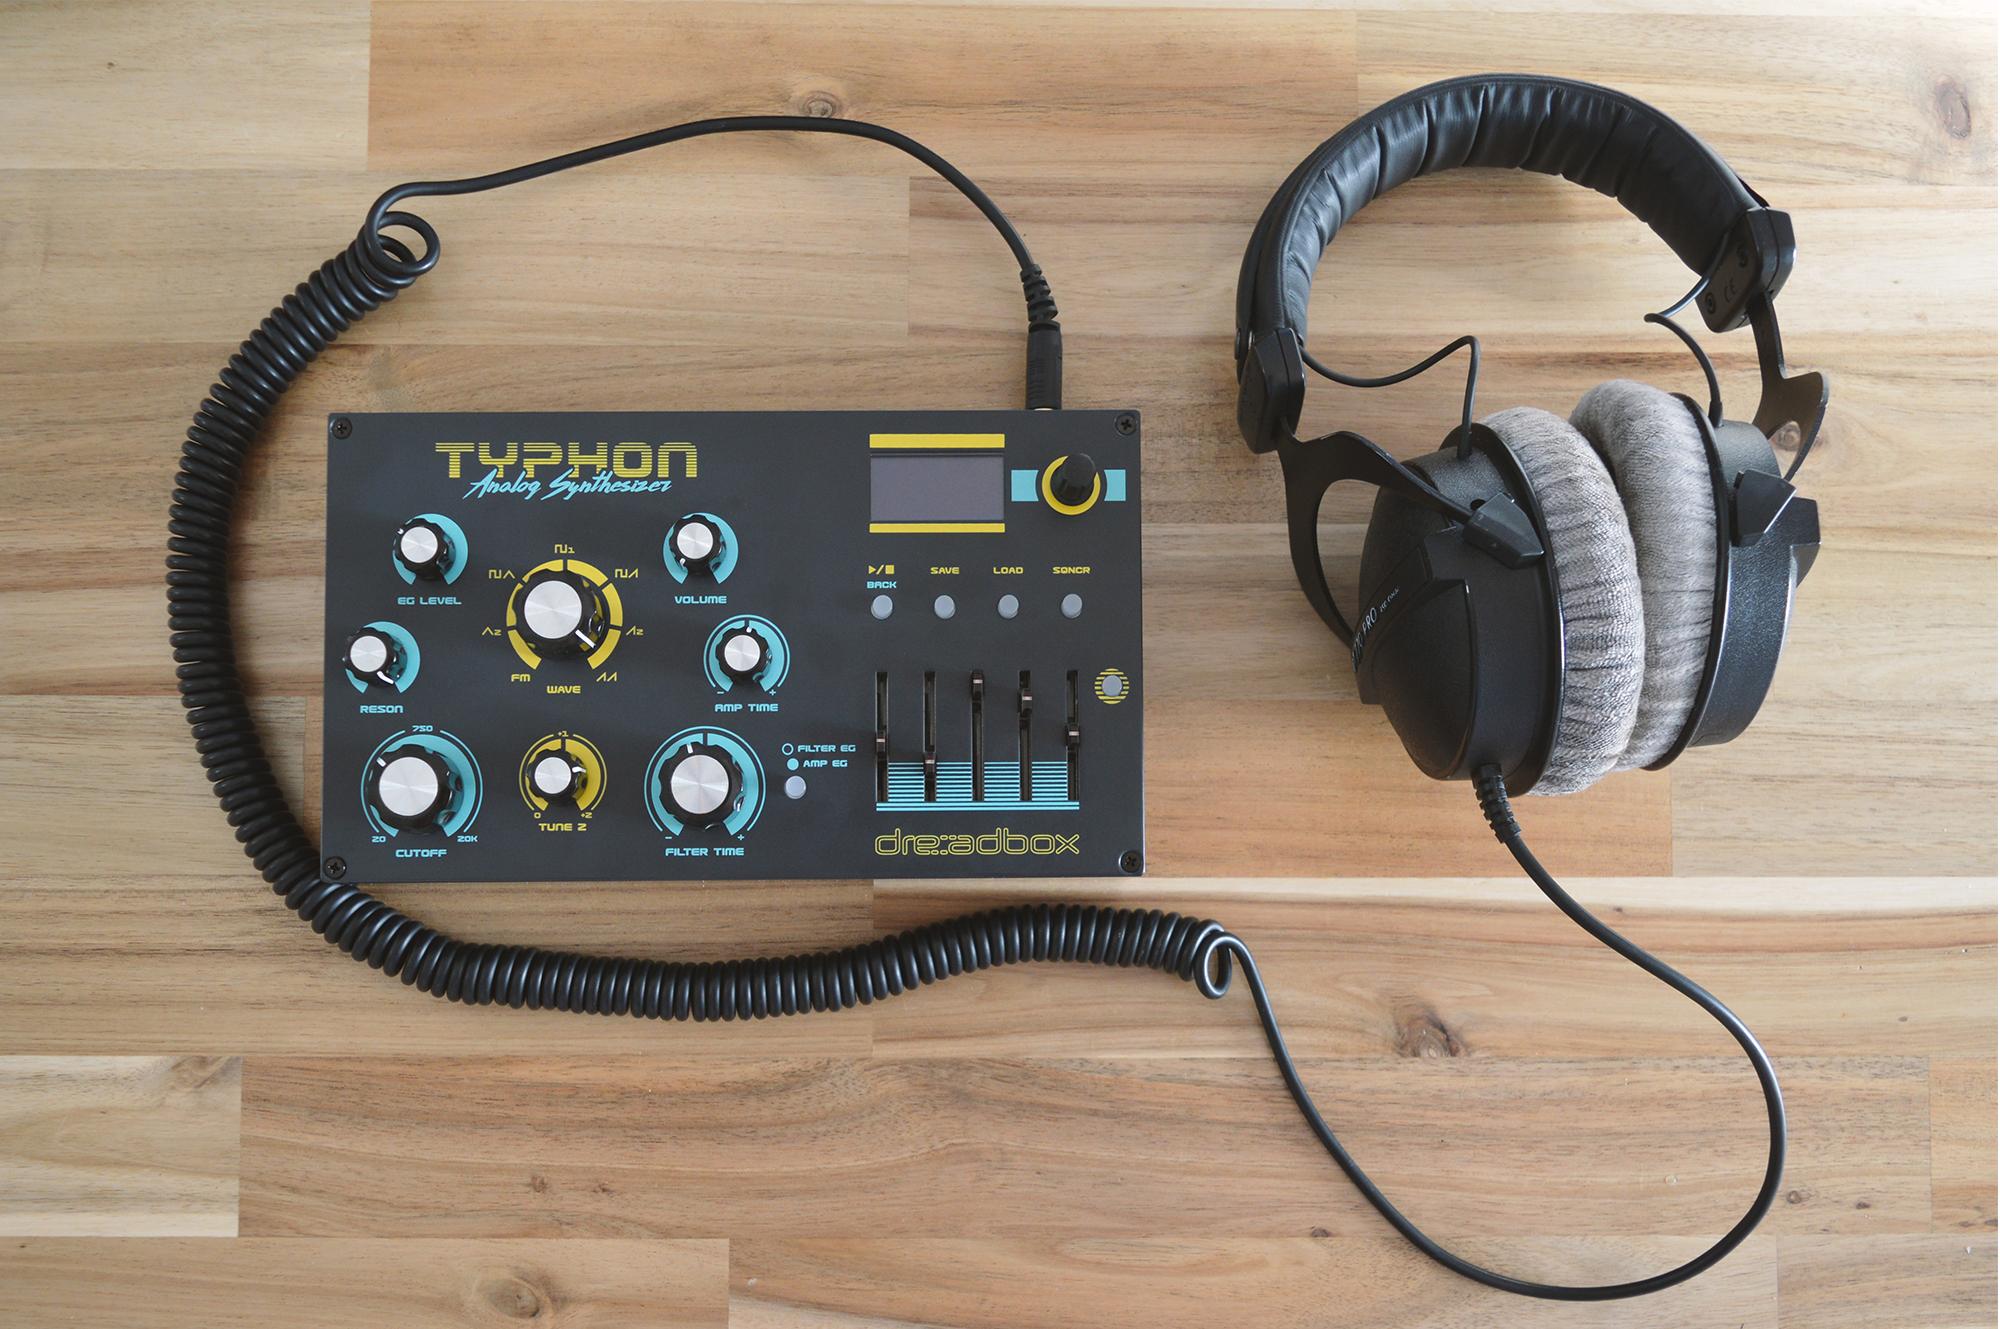 https://www.dreadbox-fx.com/wp-content/uploads/2021/01/typhon_headphones.jpg?fbclid=IwAR0PLIBH3I1Jnu3HBqWrVx3f285ycKoFy6hbscbL8H-rzDl1wJBMTL4HBIM